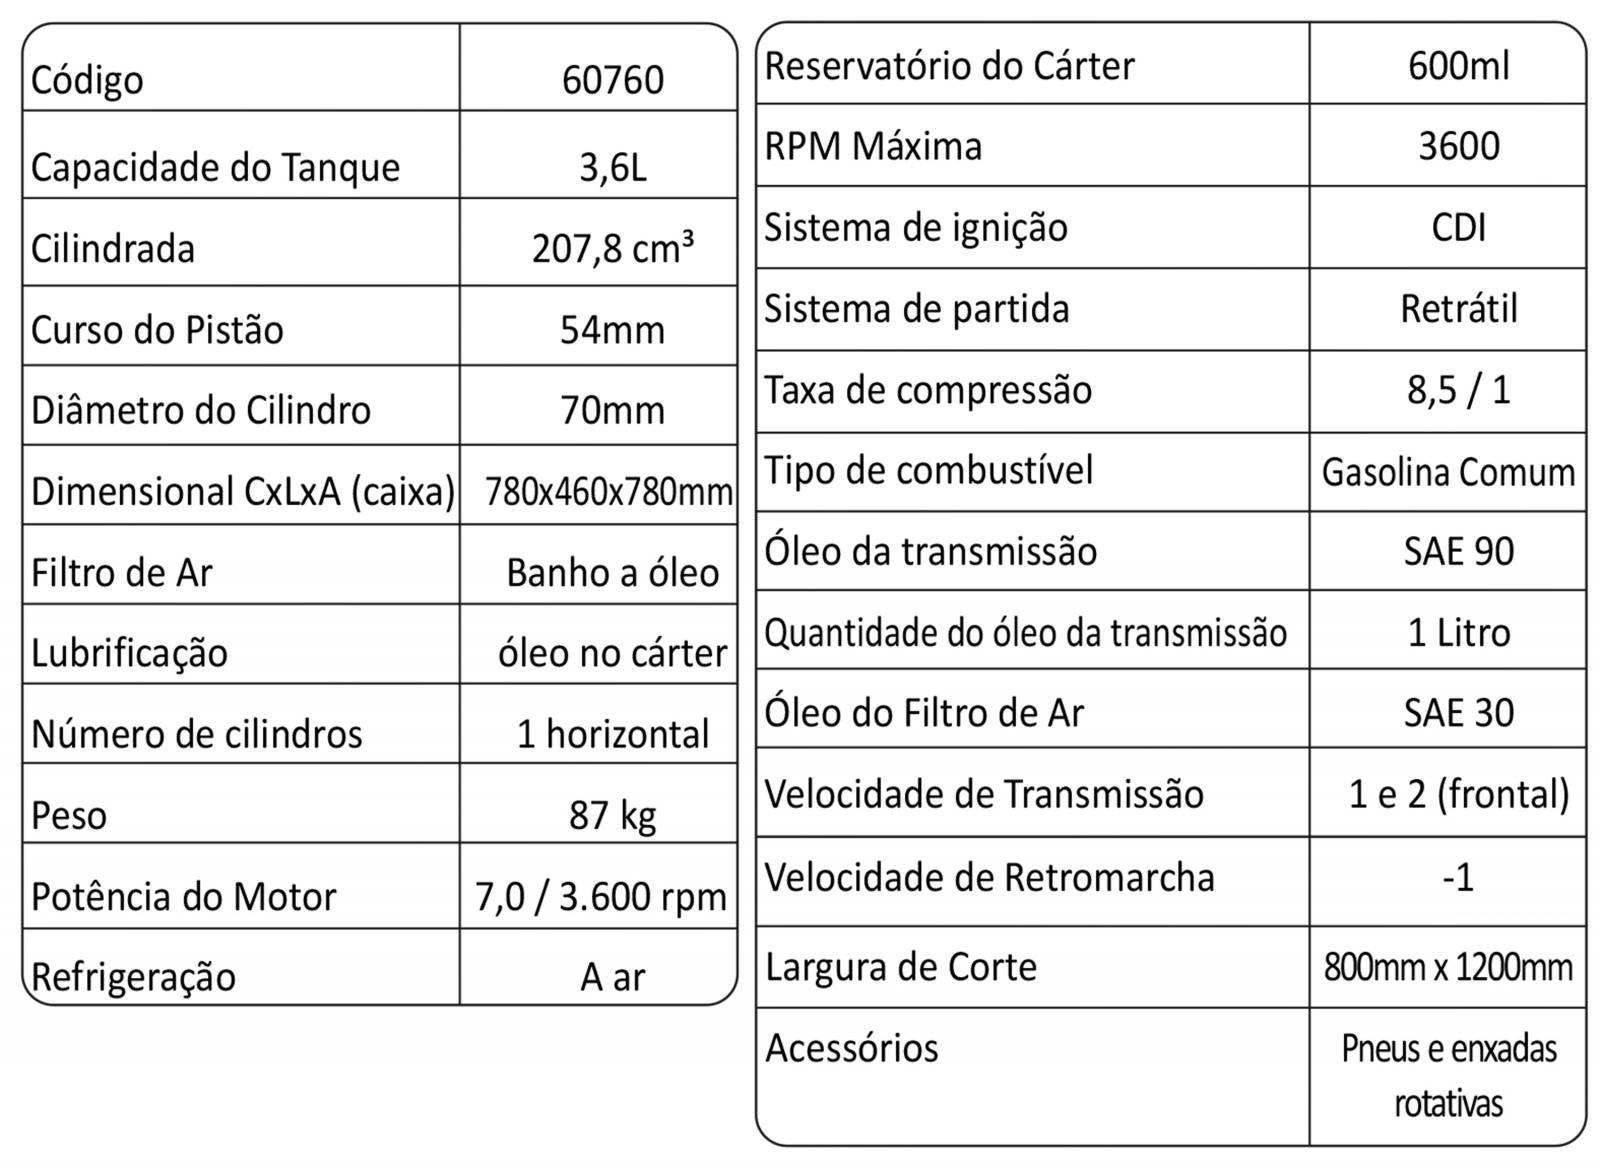 Motocultivador a Gasolina com Enxada Rotativa 7hp Buffalo BFG 890 - Ferramentas MEP